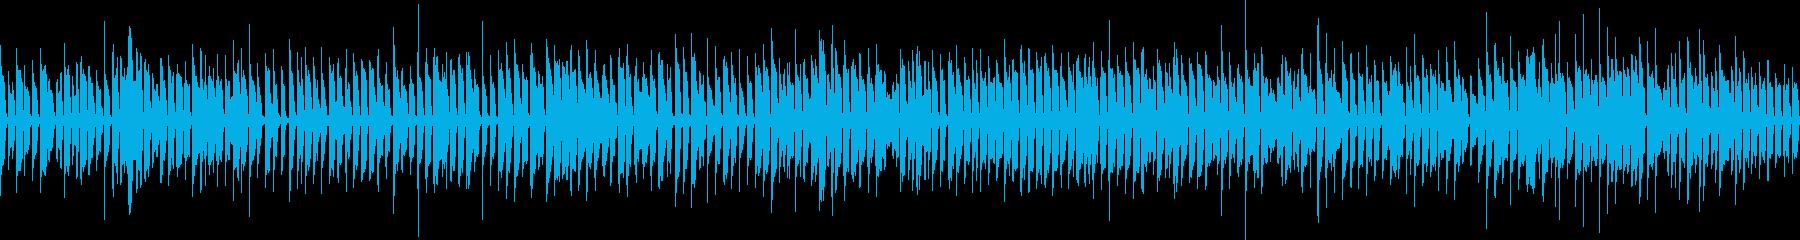 レトロな冒険・恋愛シミュ(ループ仕様)の再生済みの波形